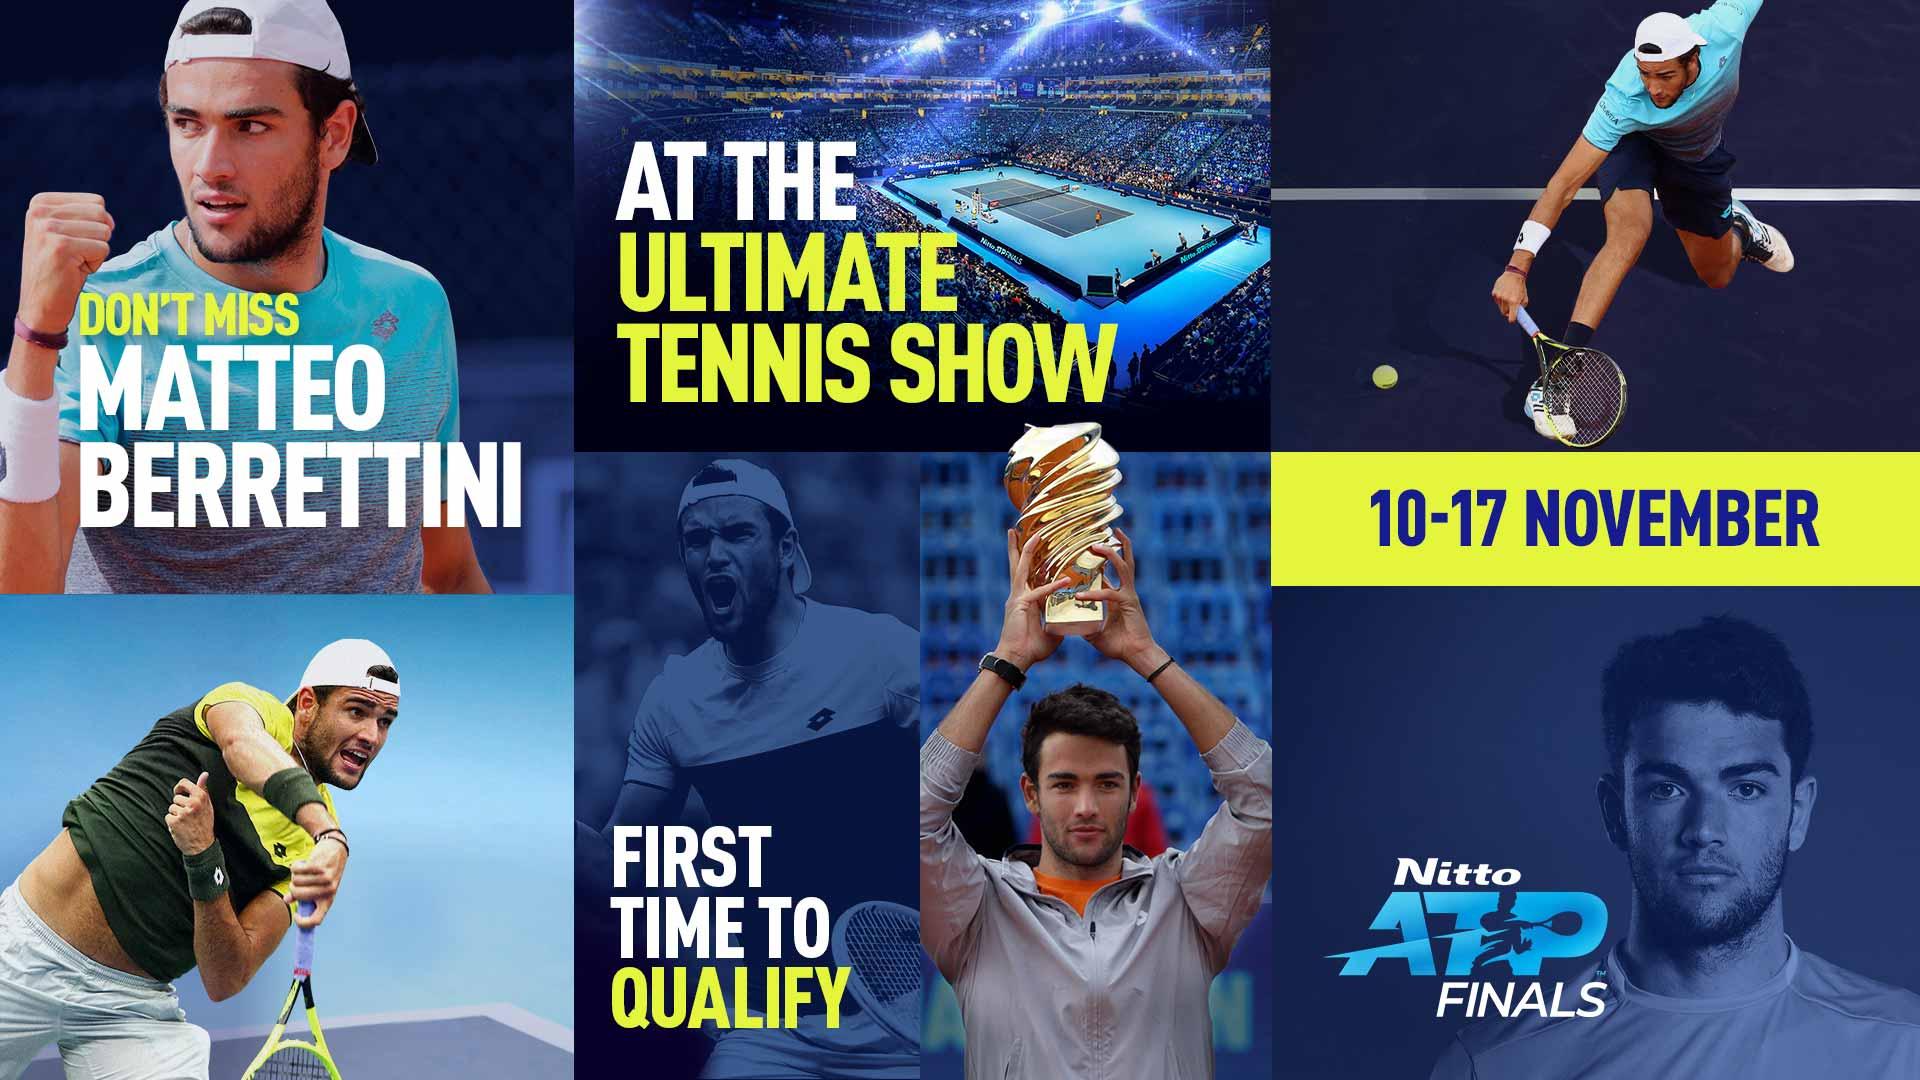 Маттео Берреттини - восьмой участник Итогового турнира ATP